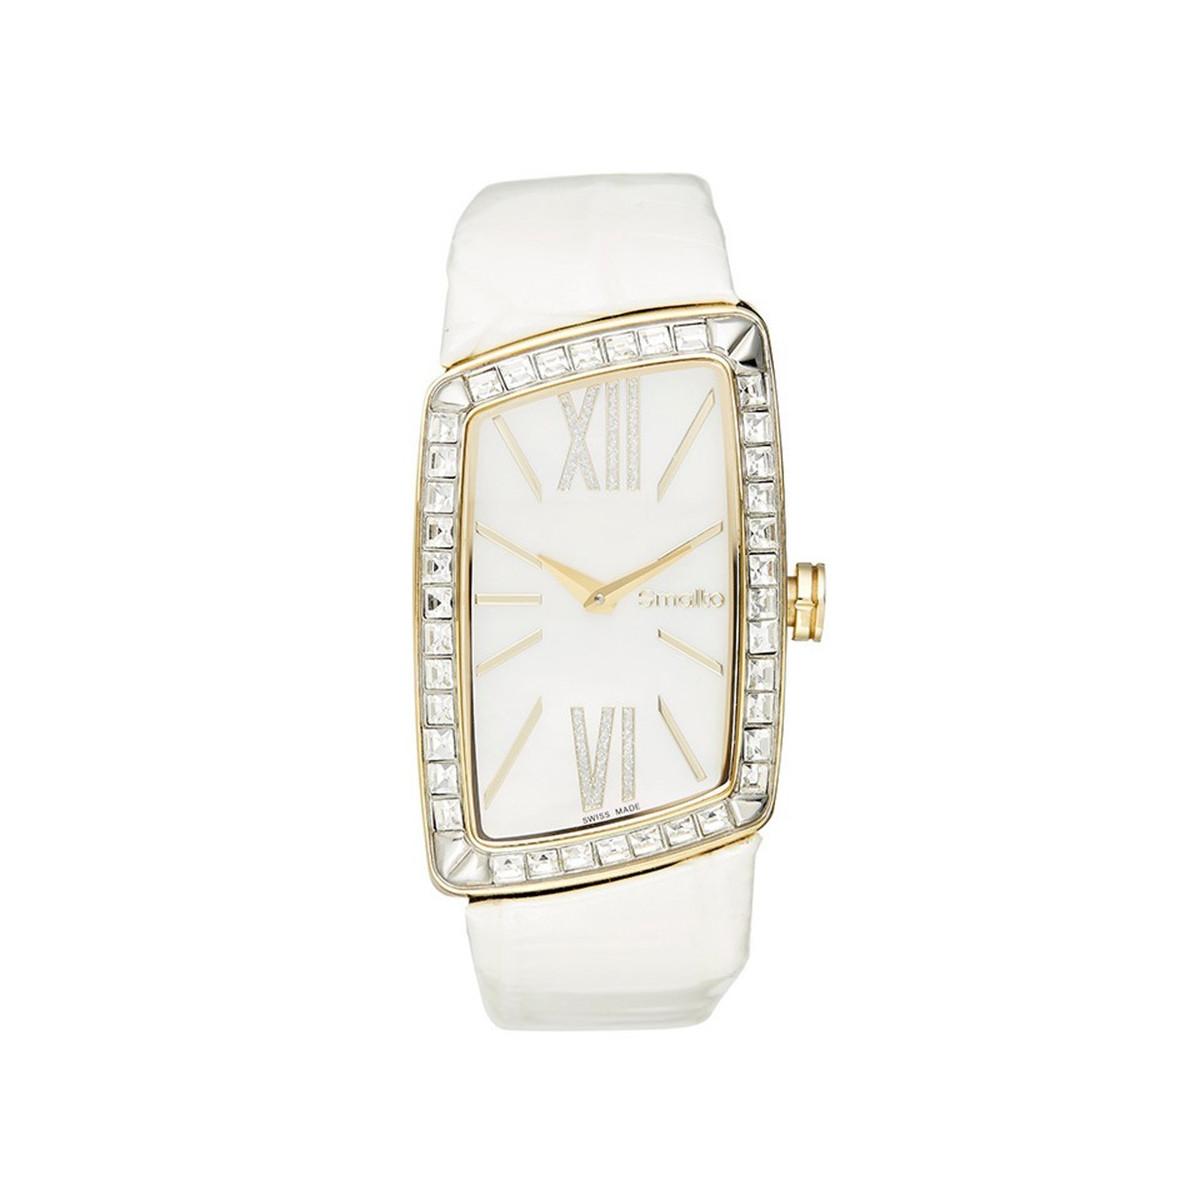 ead277f2c1 Smalto - SNML12C3BC4 - Montre Femme FANTASIA - Boîtier rectangulaire en PVD  jaune doré - Cadran blanc - Bracelet en cuir blanc